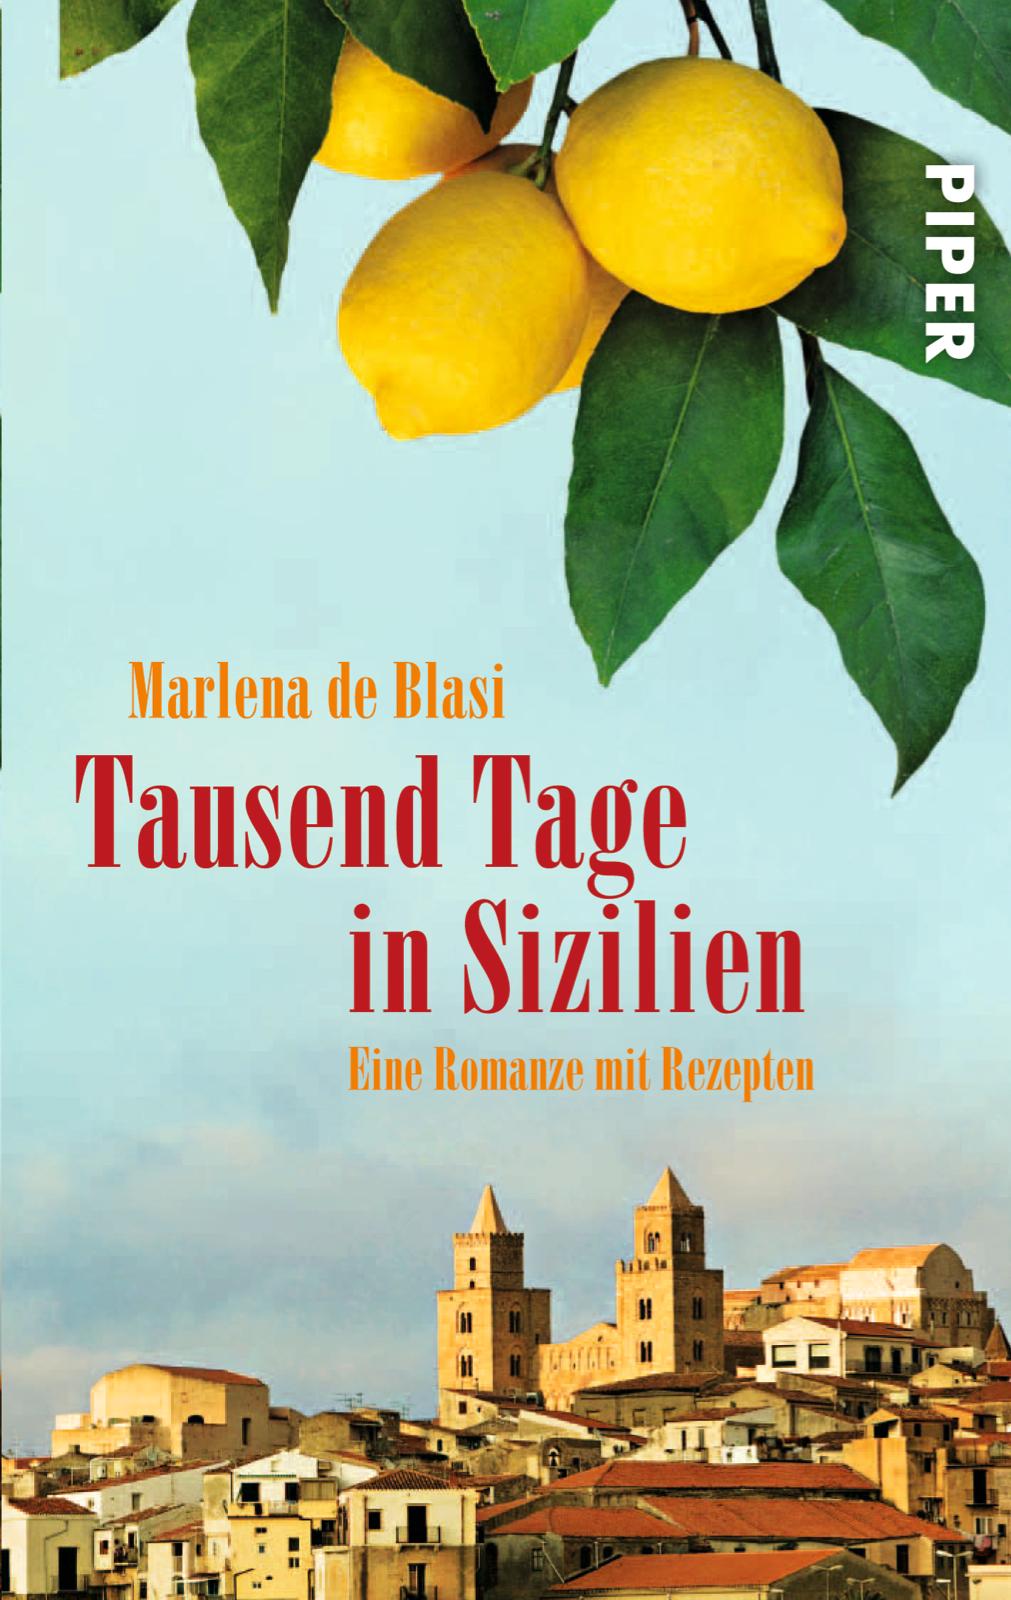 Tausend Tage in Sizilien: Eine Romanze mit Rezepten - Marlena de Blasi